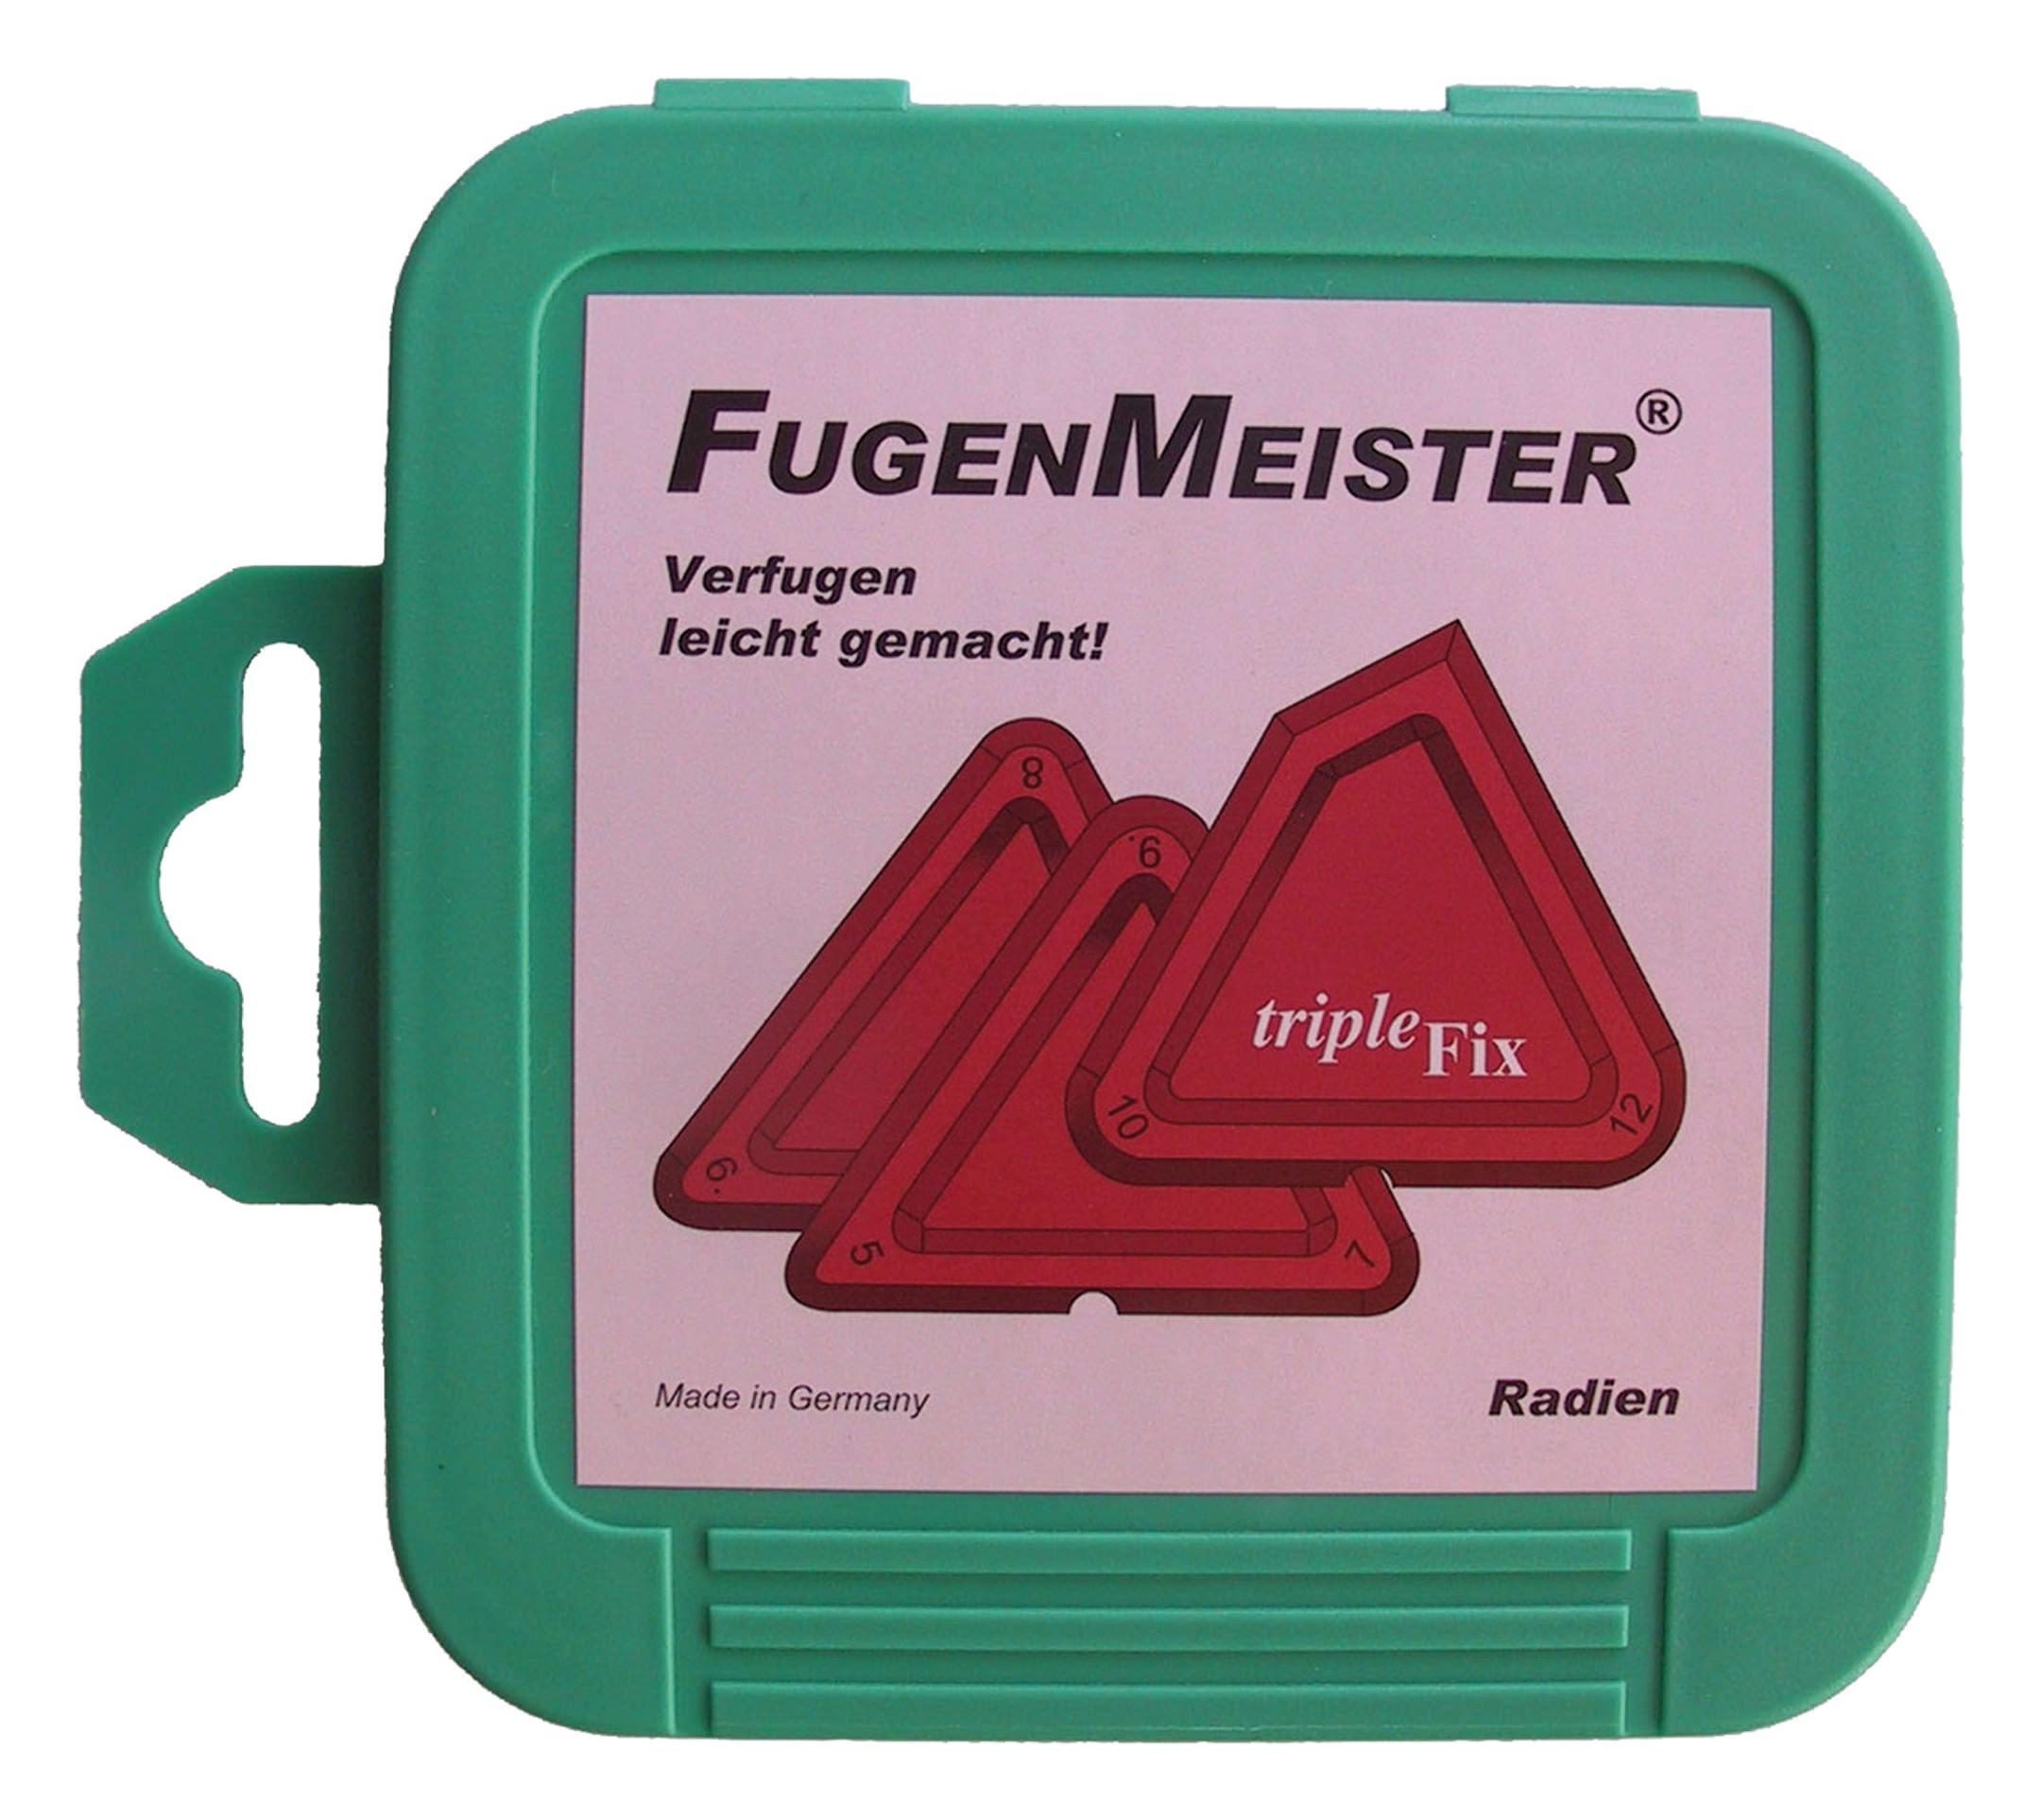 H&H Fugenmeister tripleFix Radien - DR-03